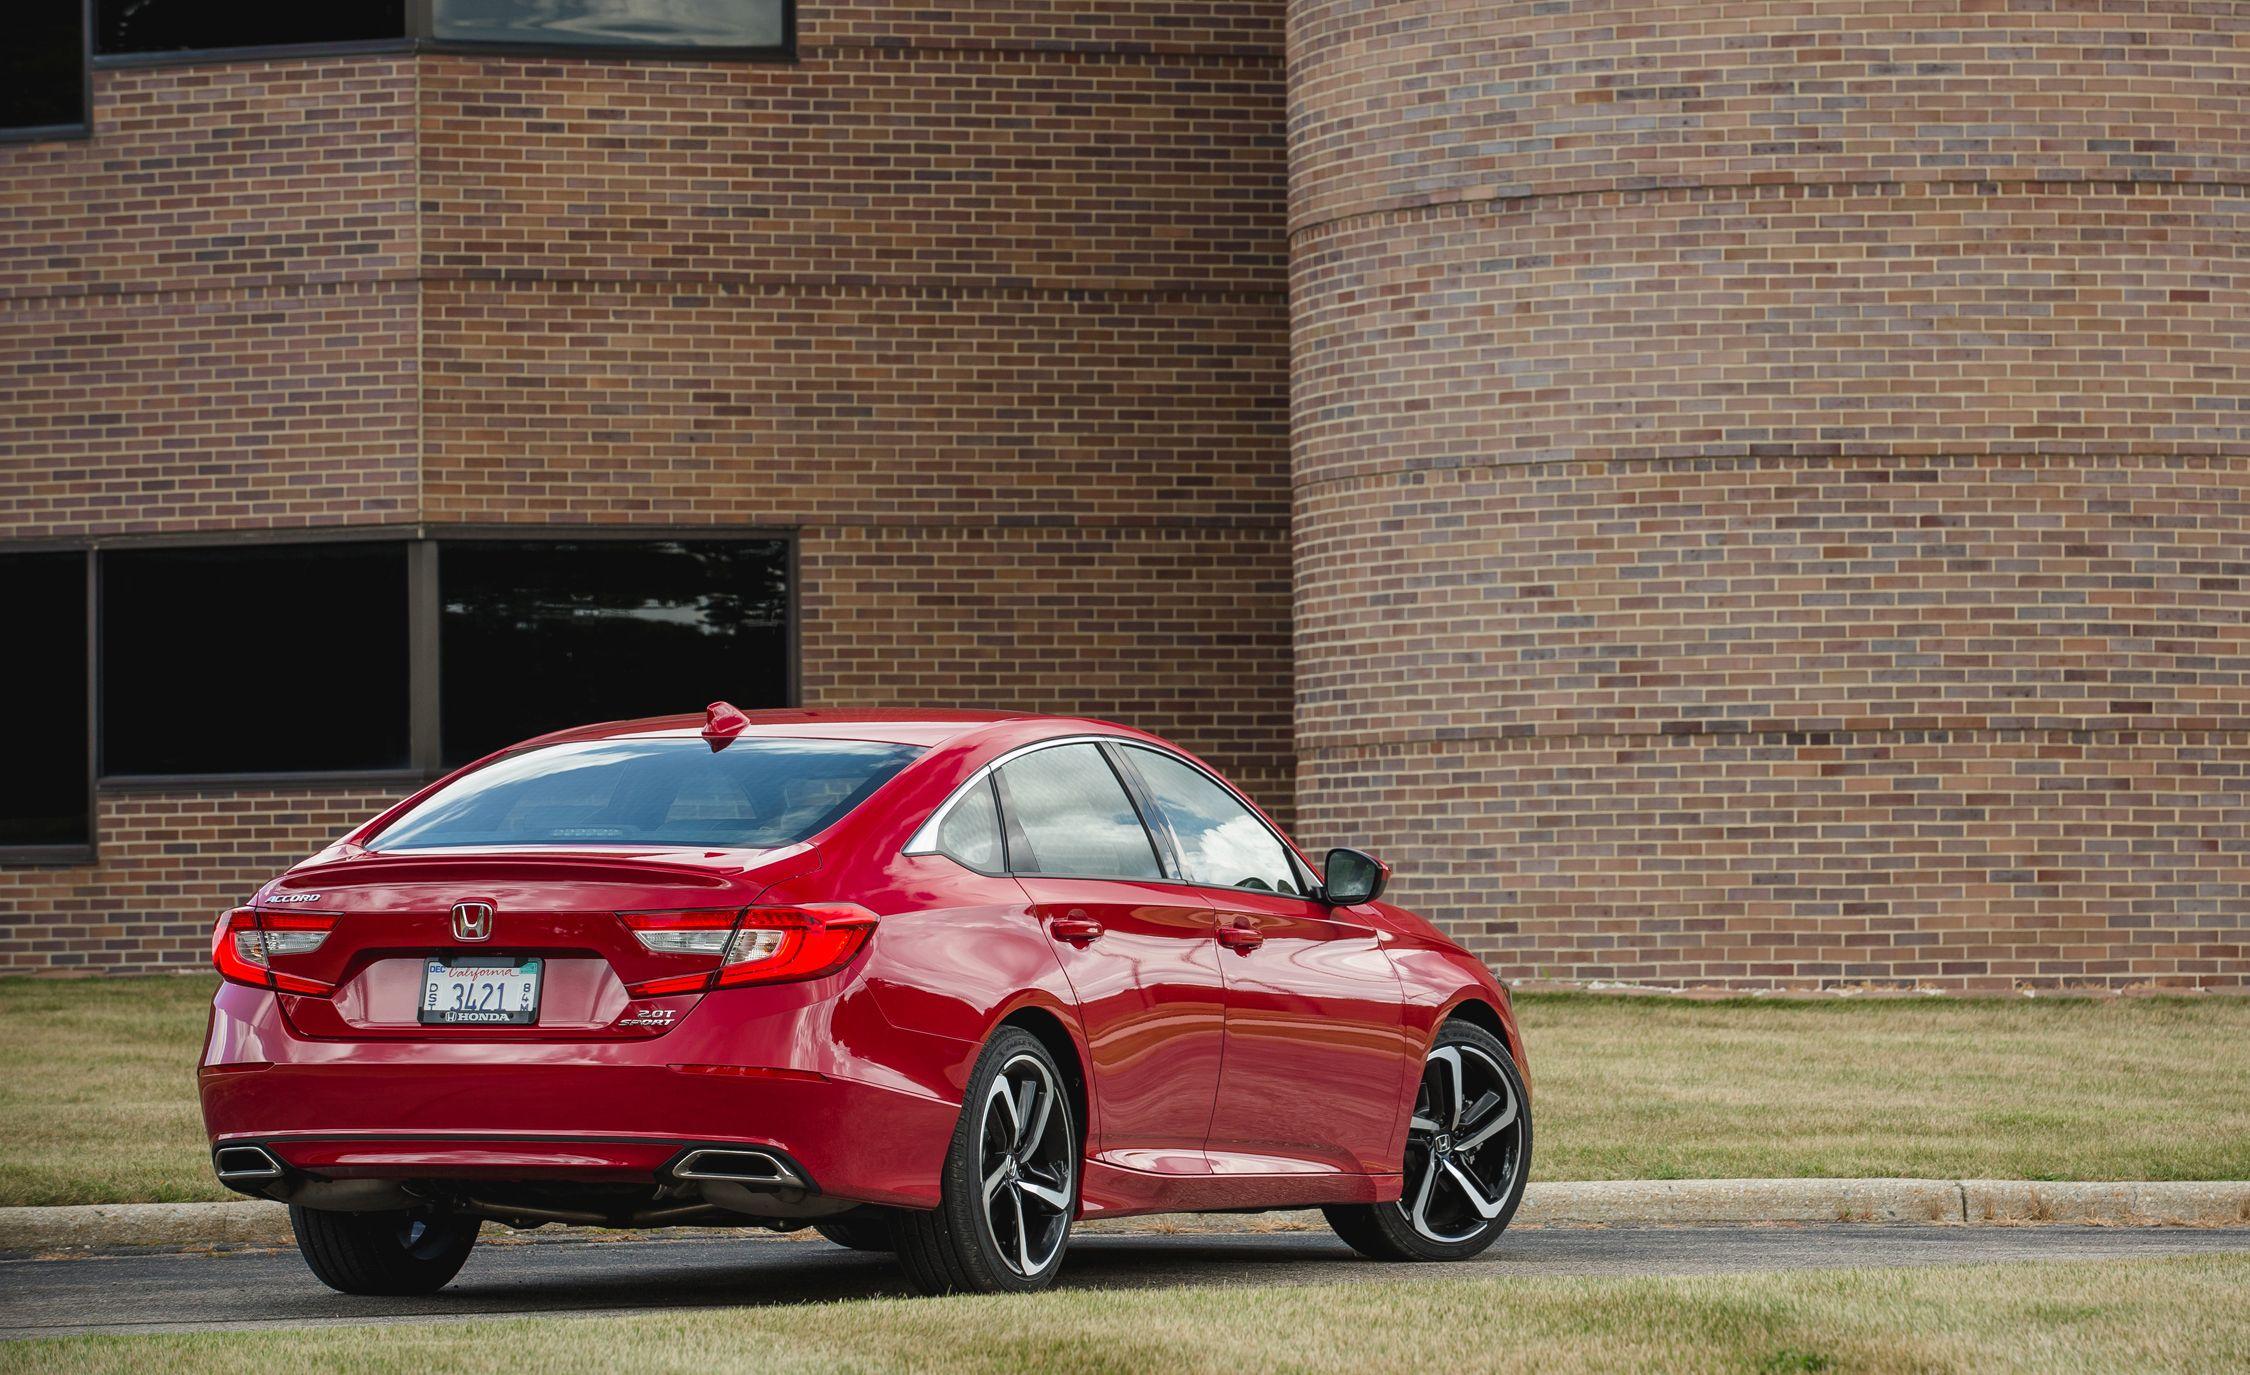 Honda Accord: Vehicle Storage